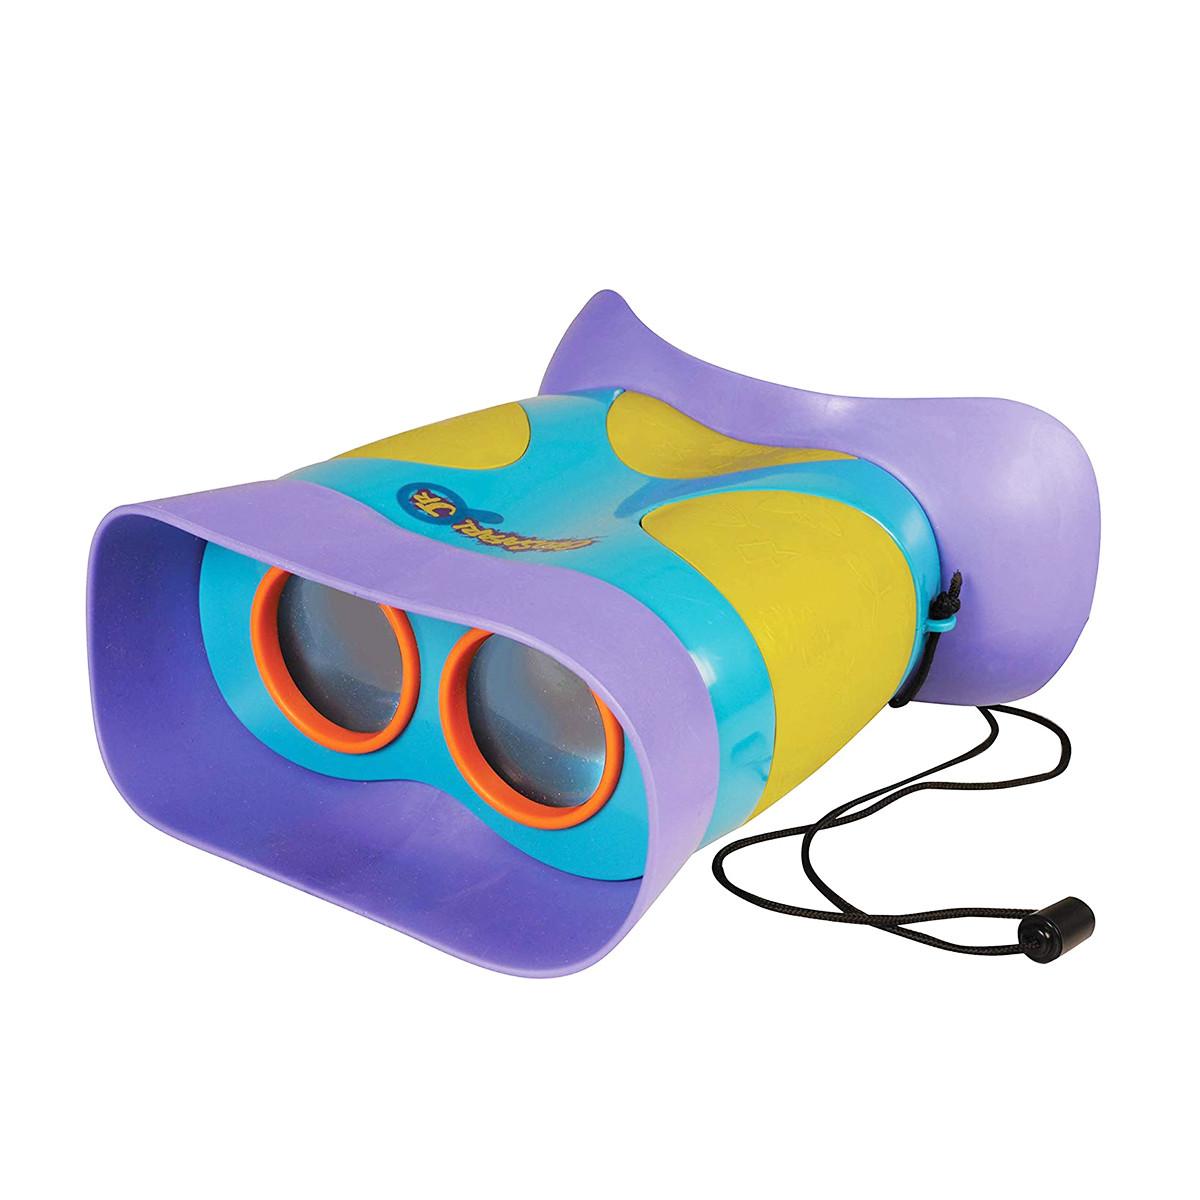 Развивающая игрушка БИНОКЛЬ Educational Insights EI-5260, фото 1